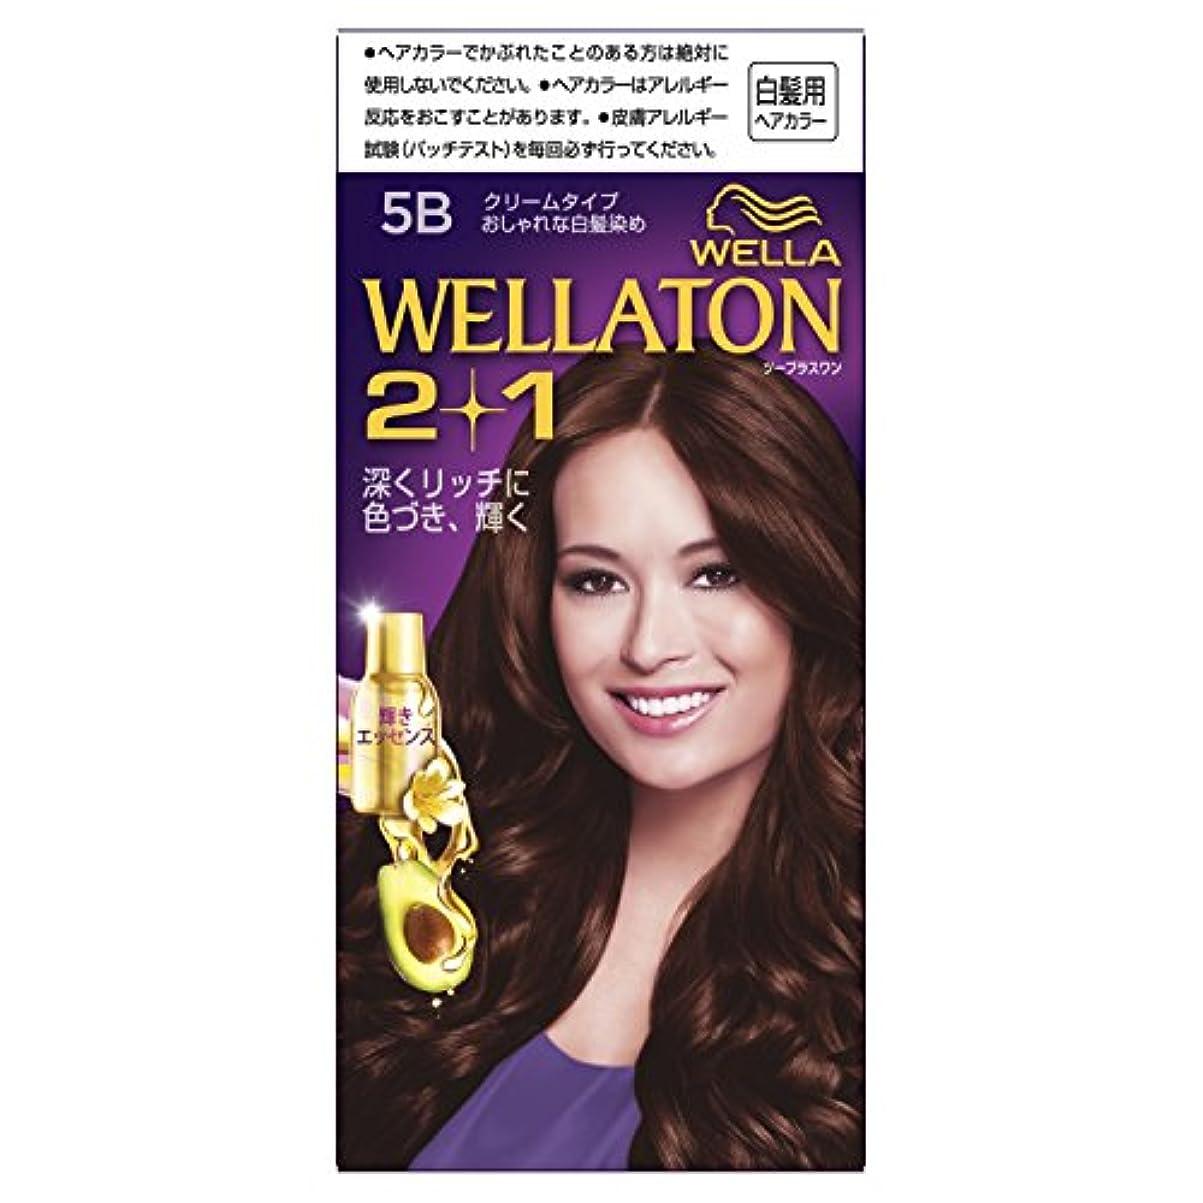 意味する目立つ隣接するウエラトーン2+1 クリームタイプ 5B [医薬部外品](おしゃれな白髪染め)